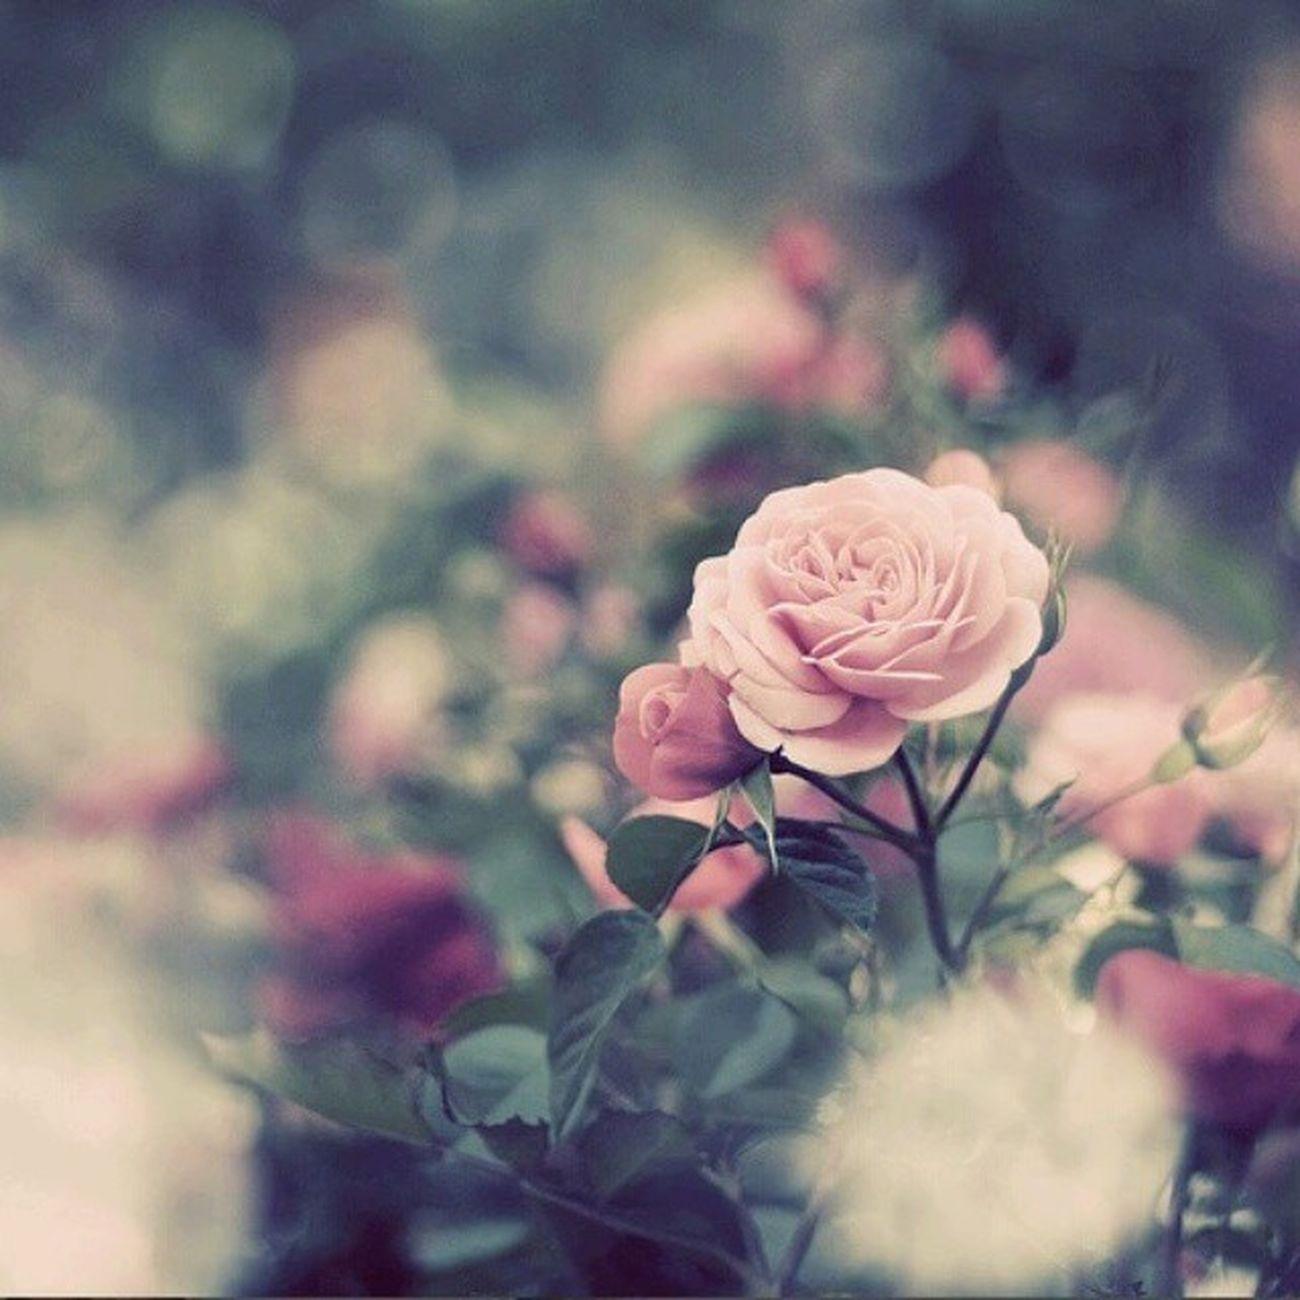 8 mart münasibeti ile bütün qadınları tebrik edirem.. Nadya ❤ Nermin bayramınız mübarek 😊 Nicatvsziyad